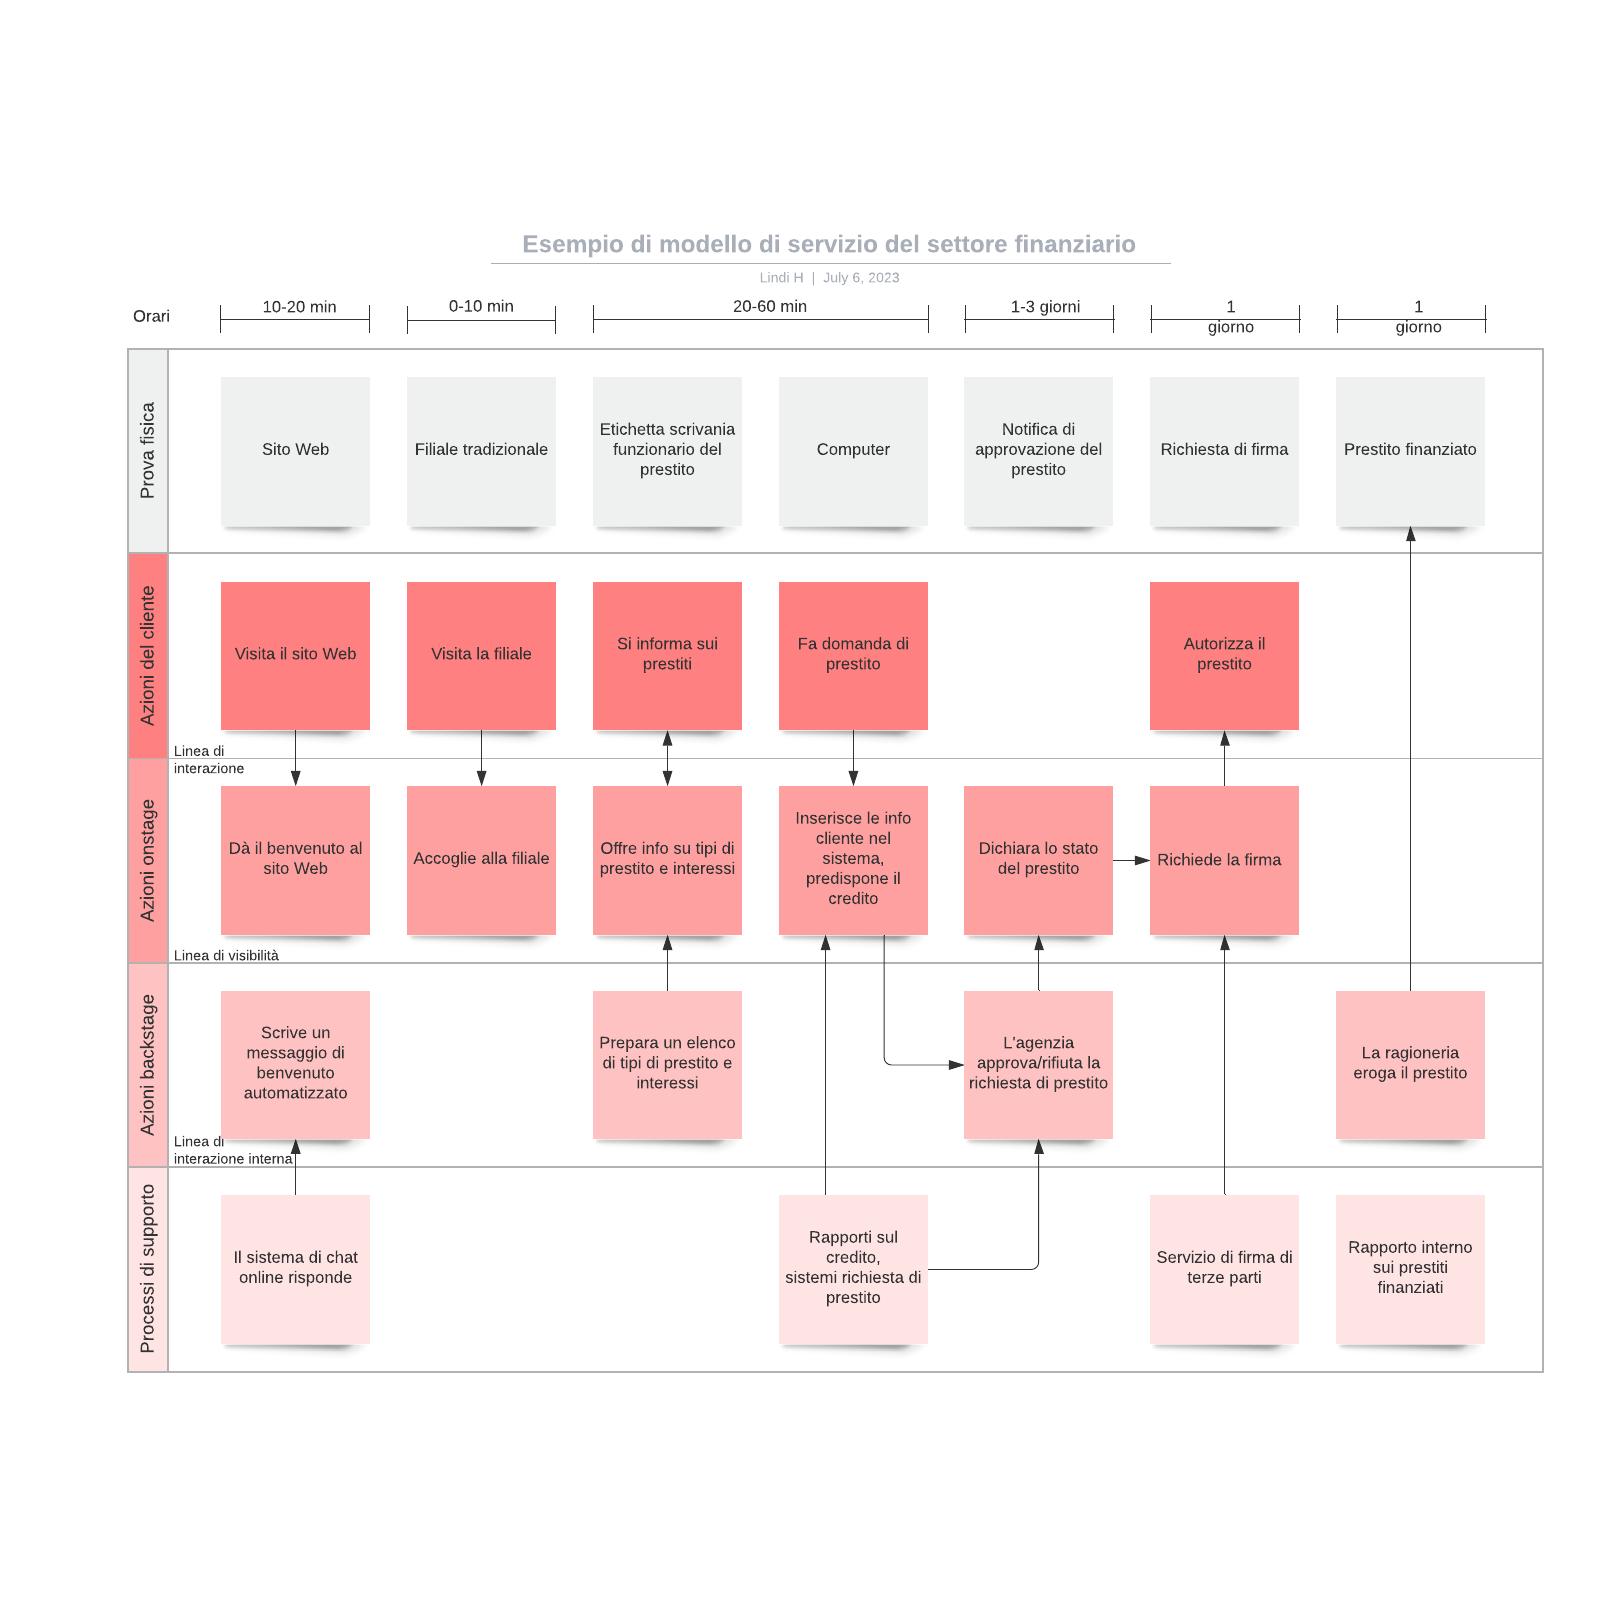 Esempio di modello di servizio del settore finanziario